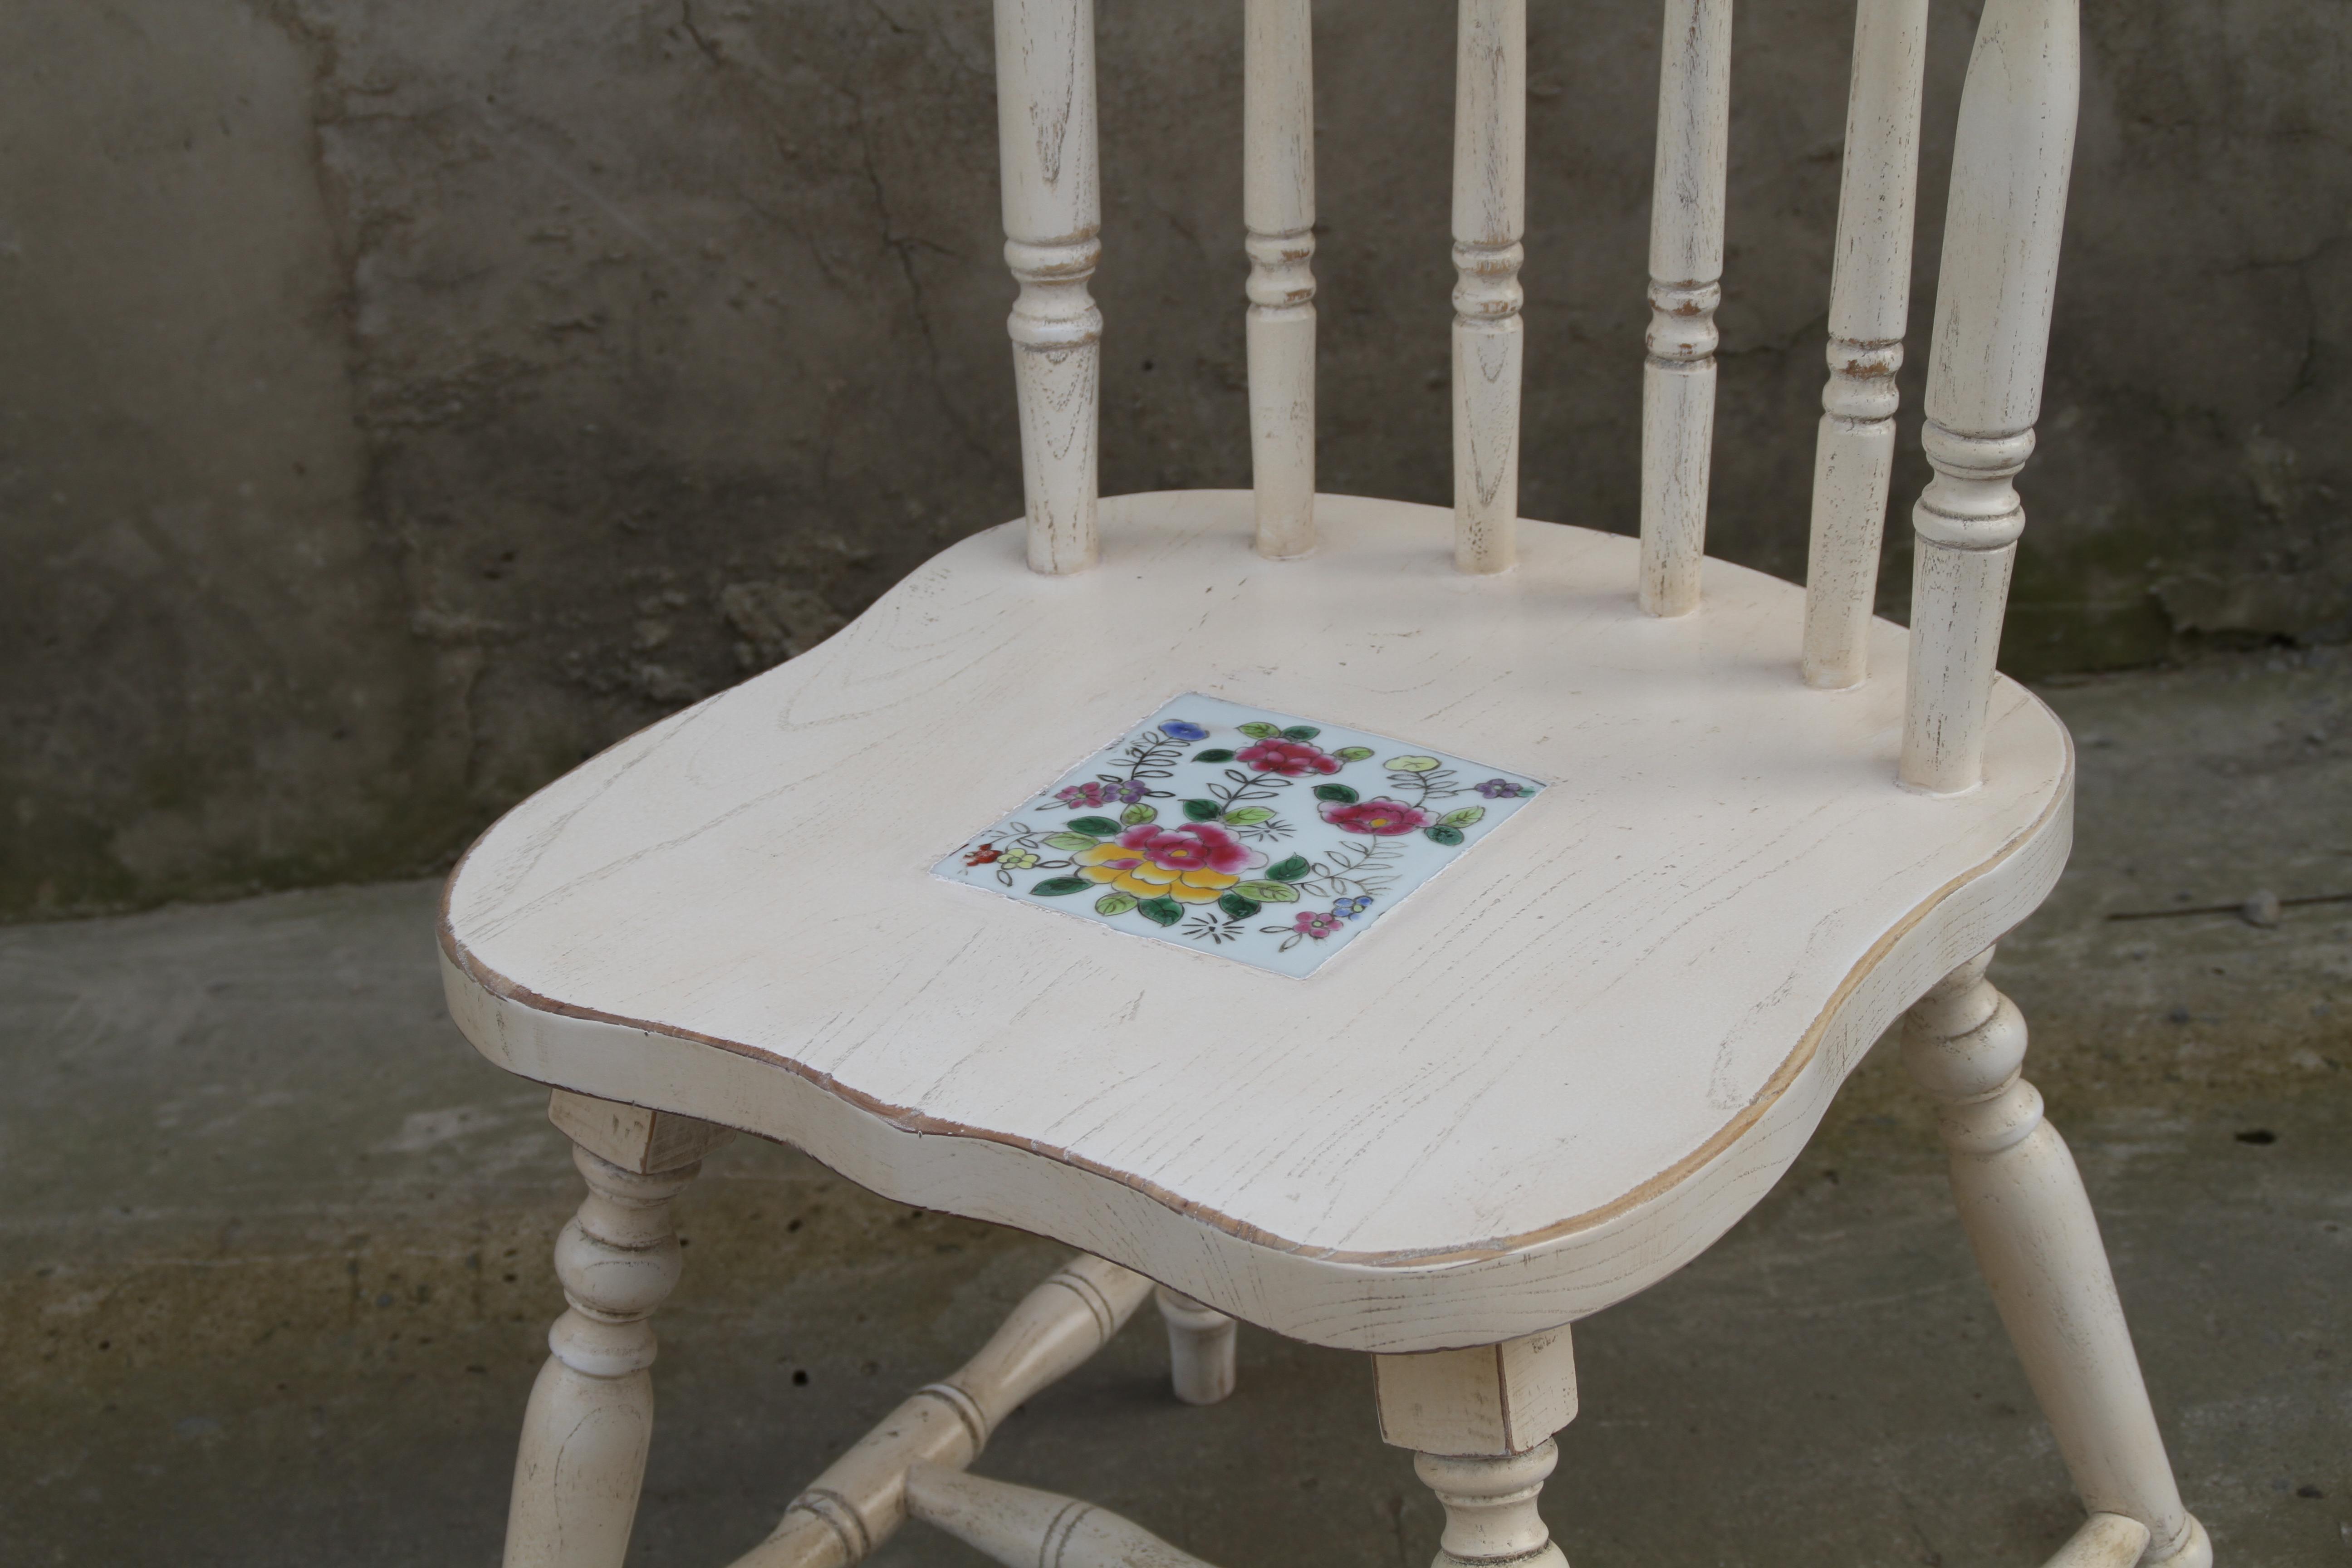 靠背椅子图片/靠背椅子样板图 (4)